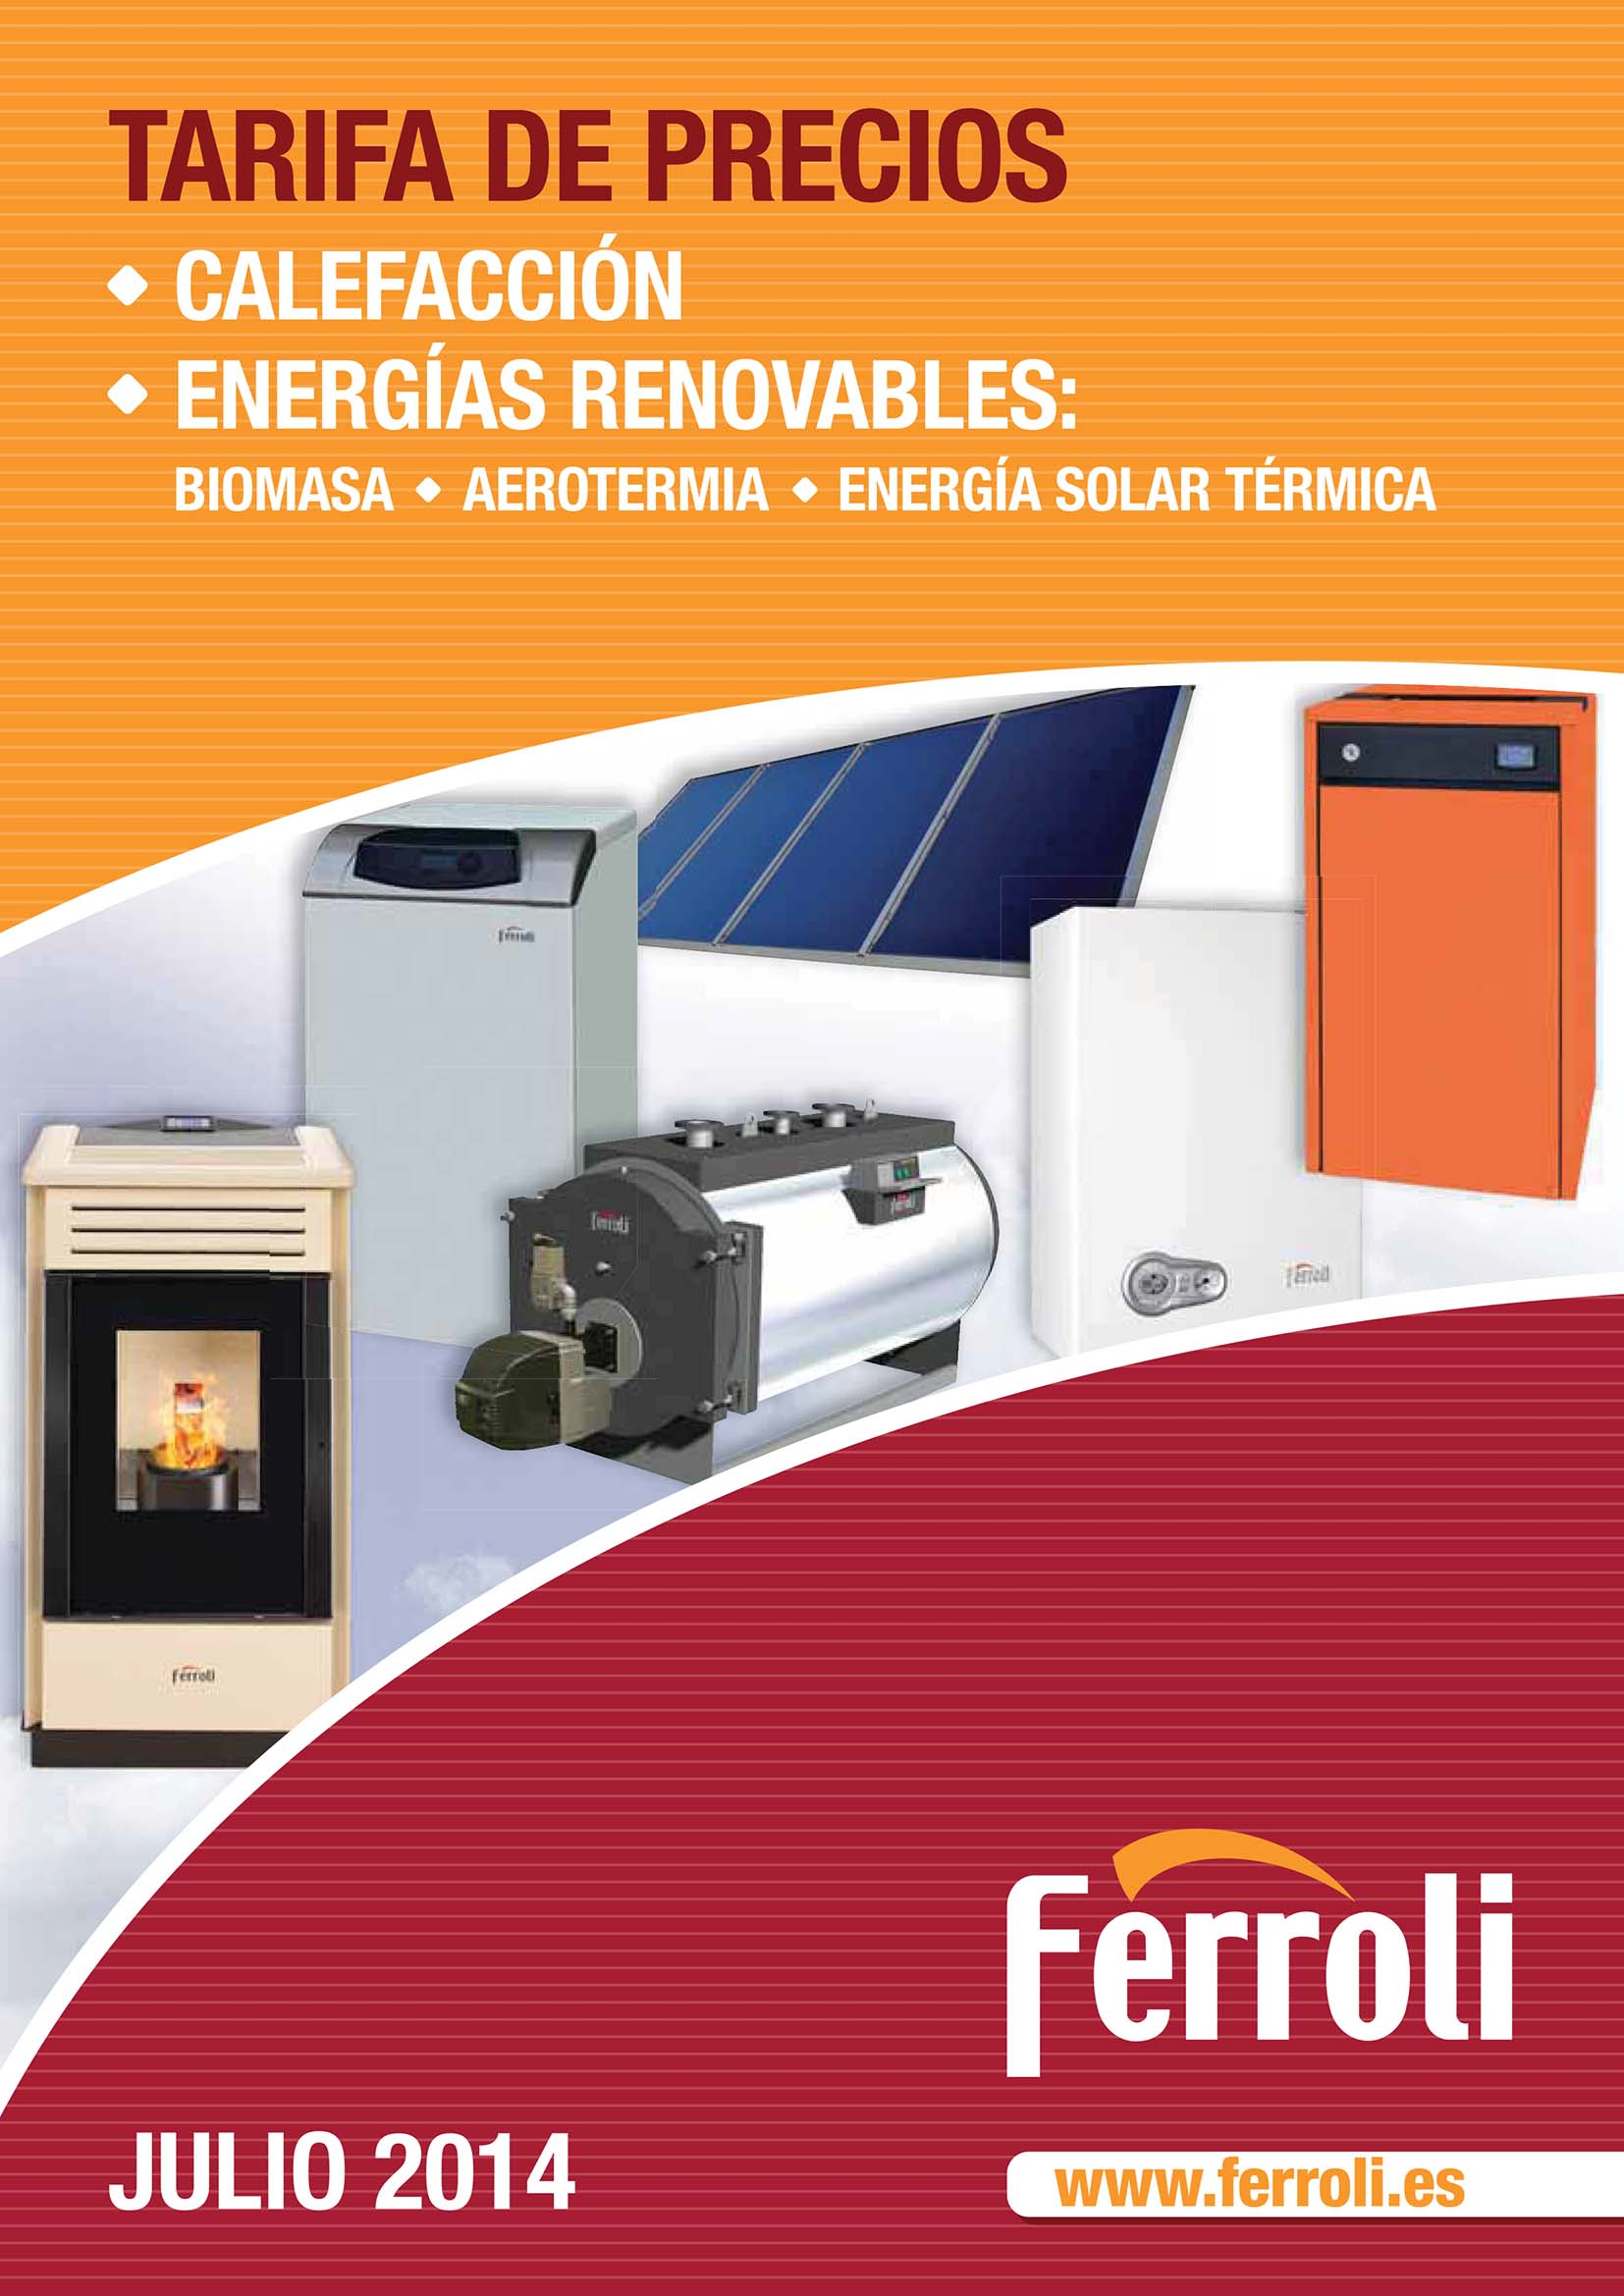 Ferroli presenta sus nuevas tarifas para calefacci n y - Precio de calderas de gas ...